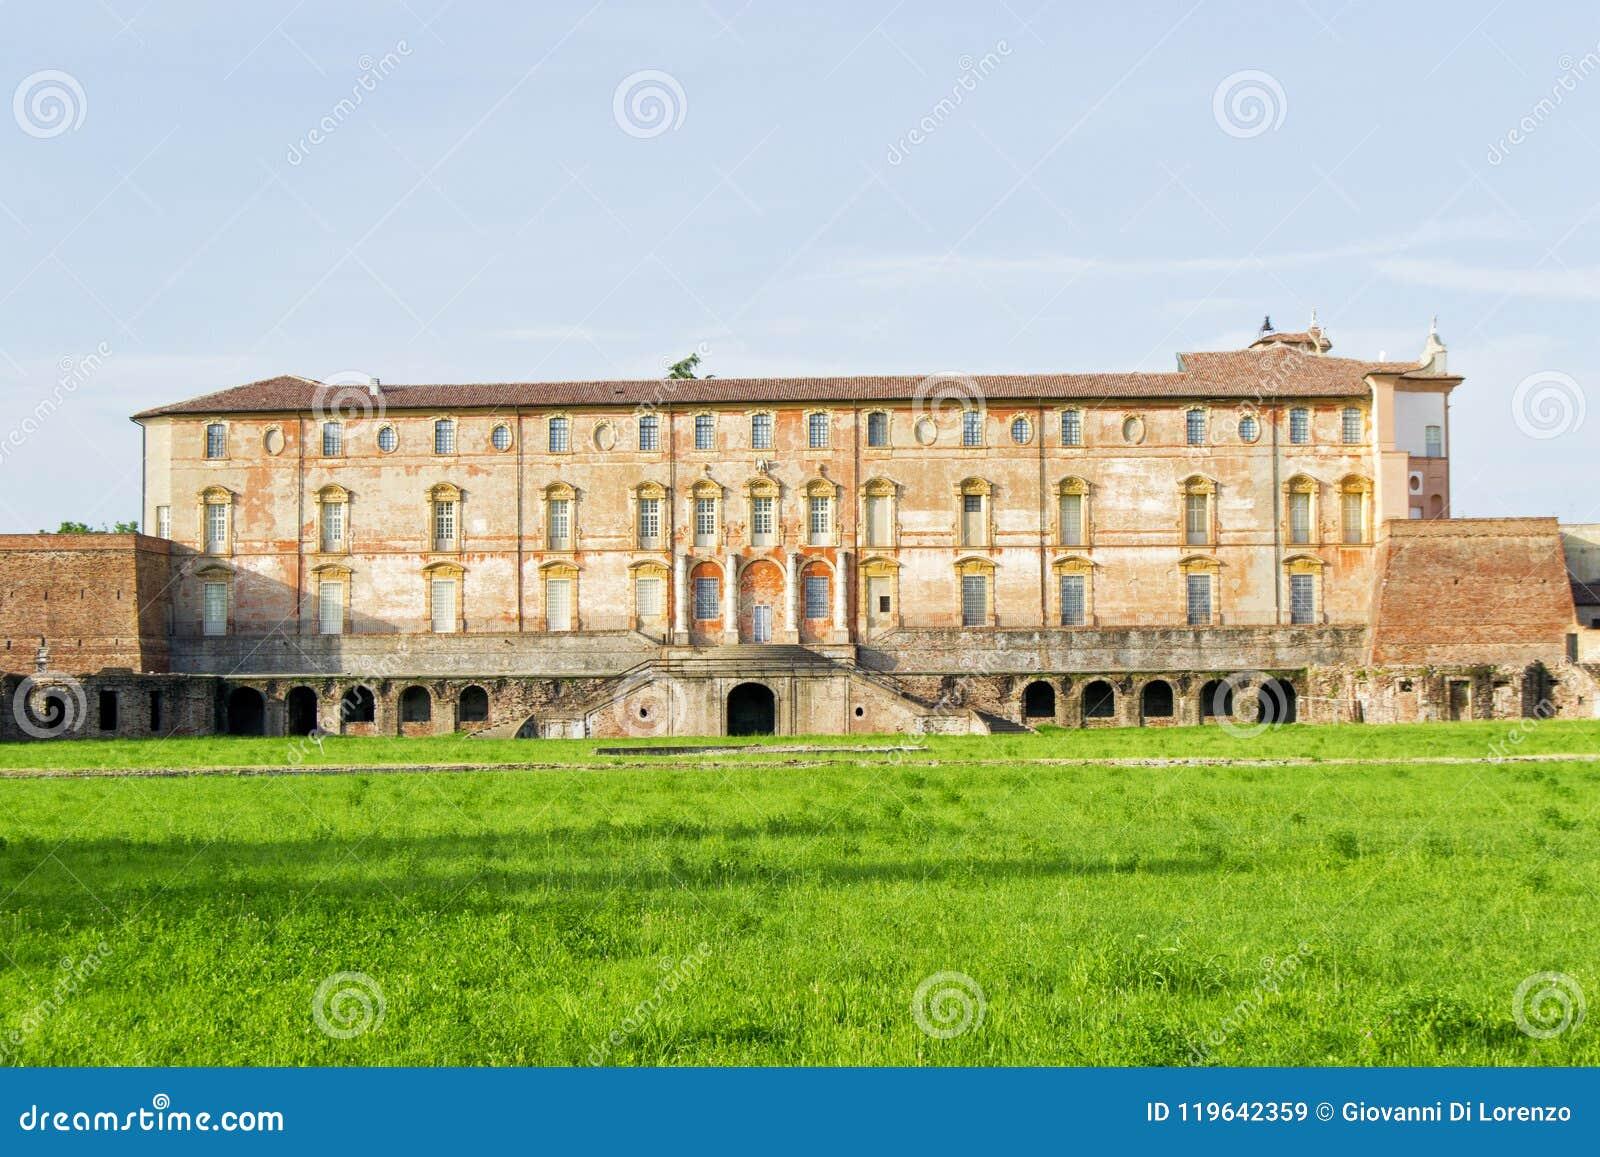 Palacio ducal de Estensi en Sassuolo, cerca de Módena, Italia